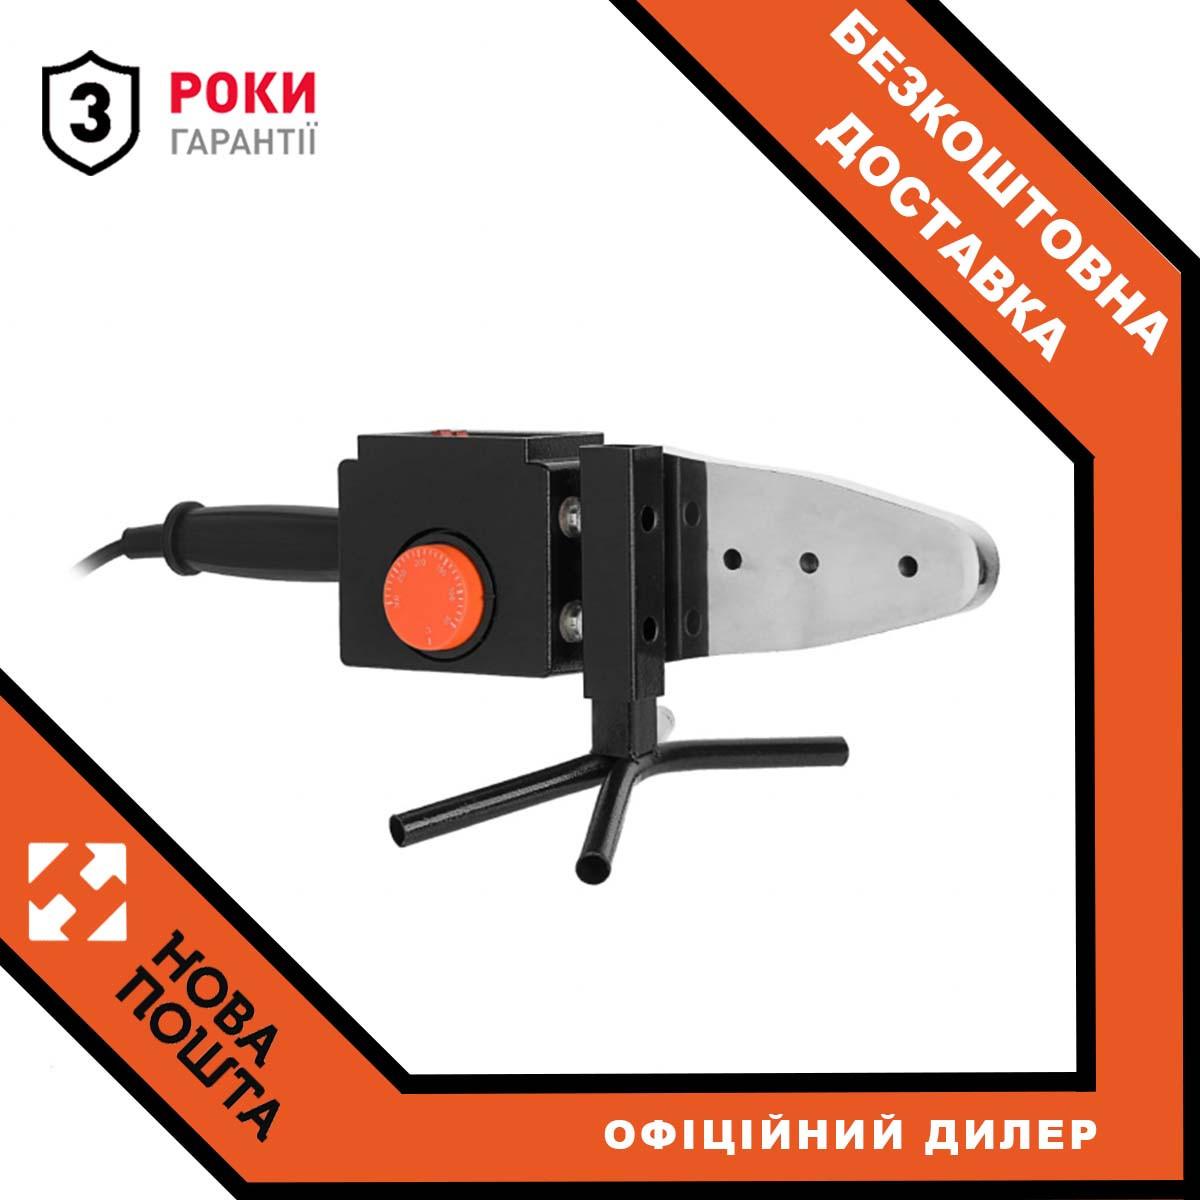 Паяльник для пластикових труб Dnipro-M PW-185